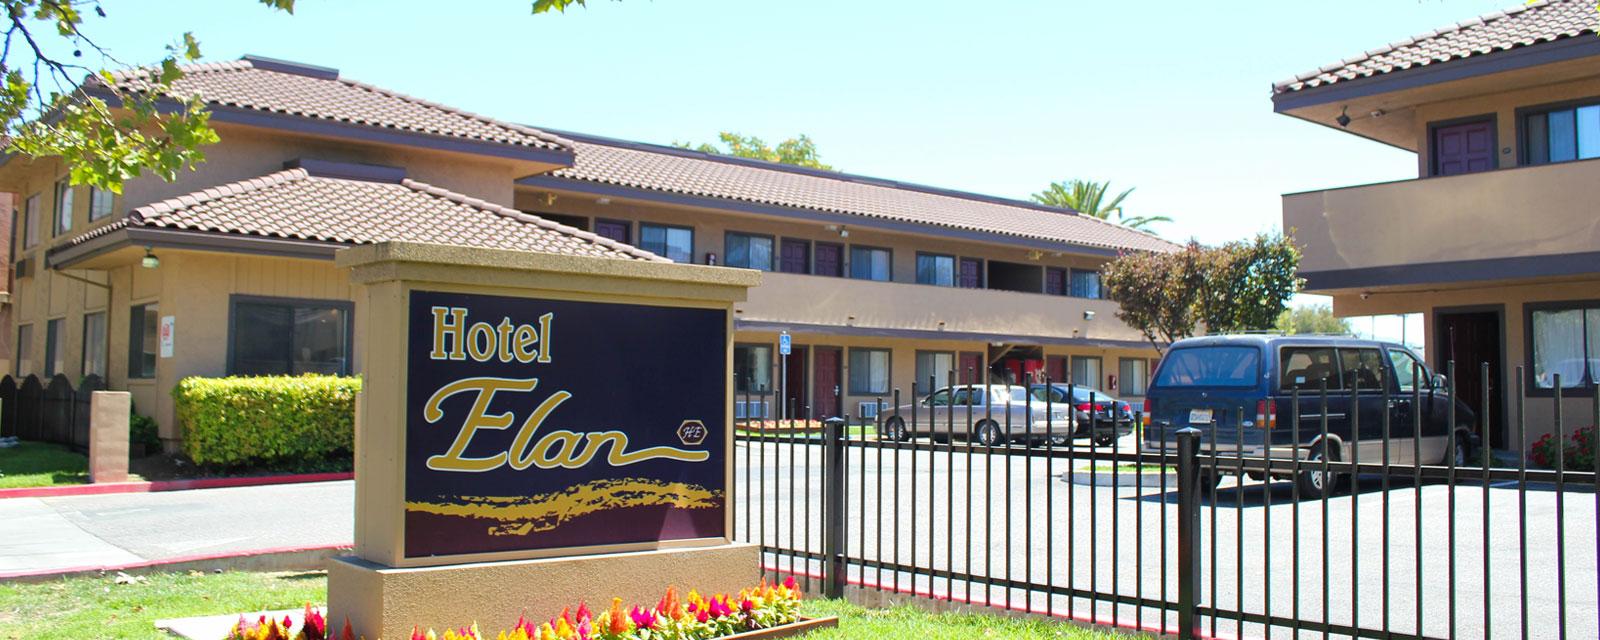 Hotel Elan In San Jose